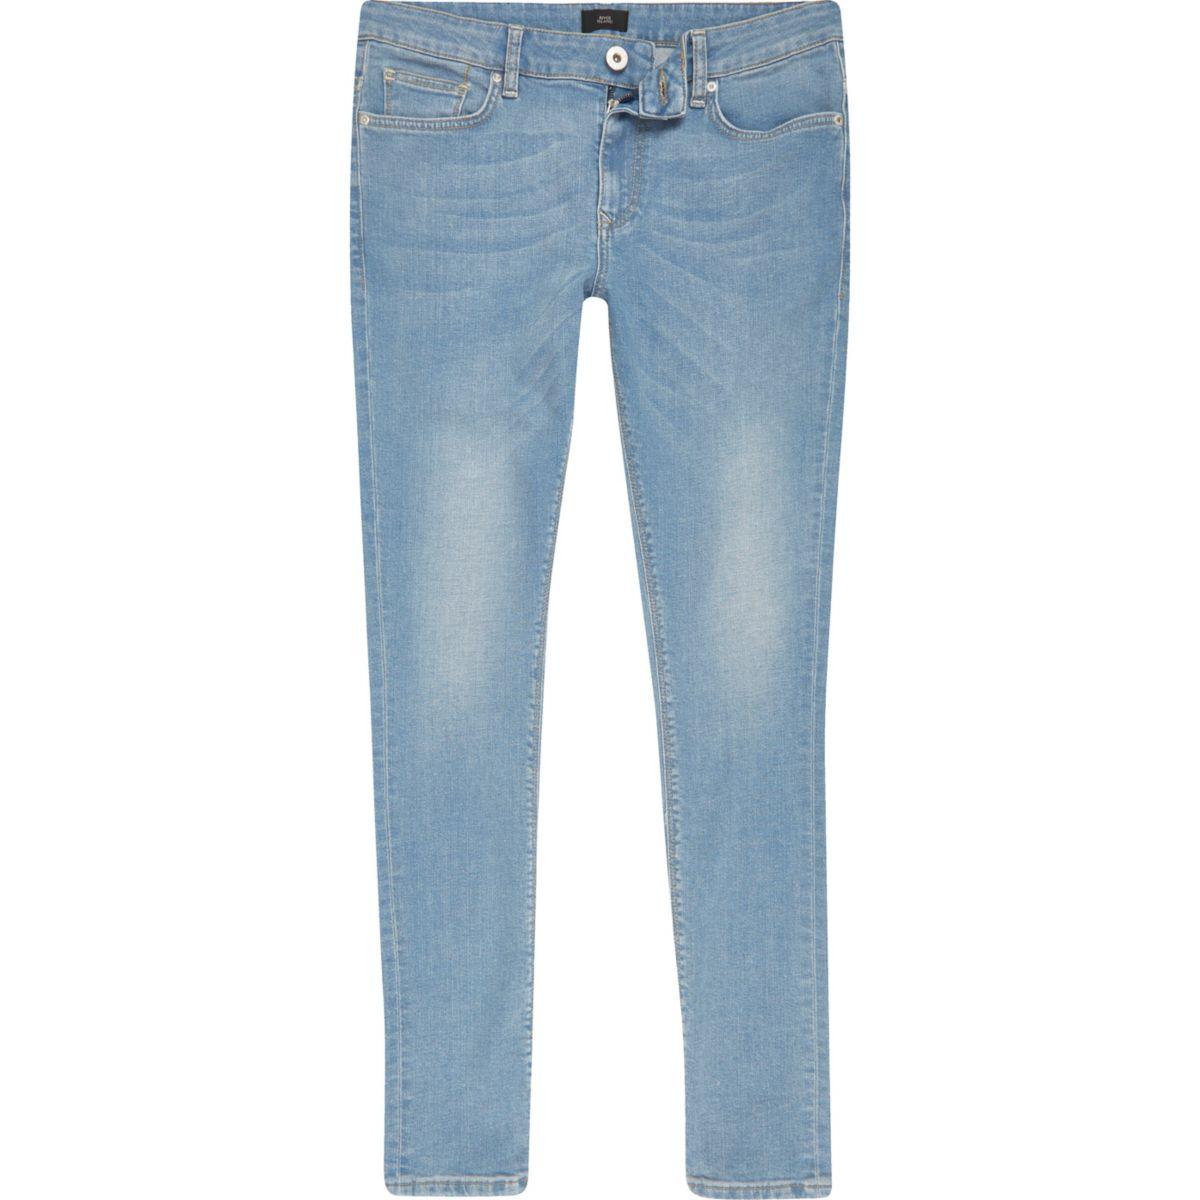 danny helle super skinny jeans jeans sale herren. Black Bedroom Furniture Sets. Home Design Ideas